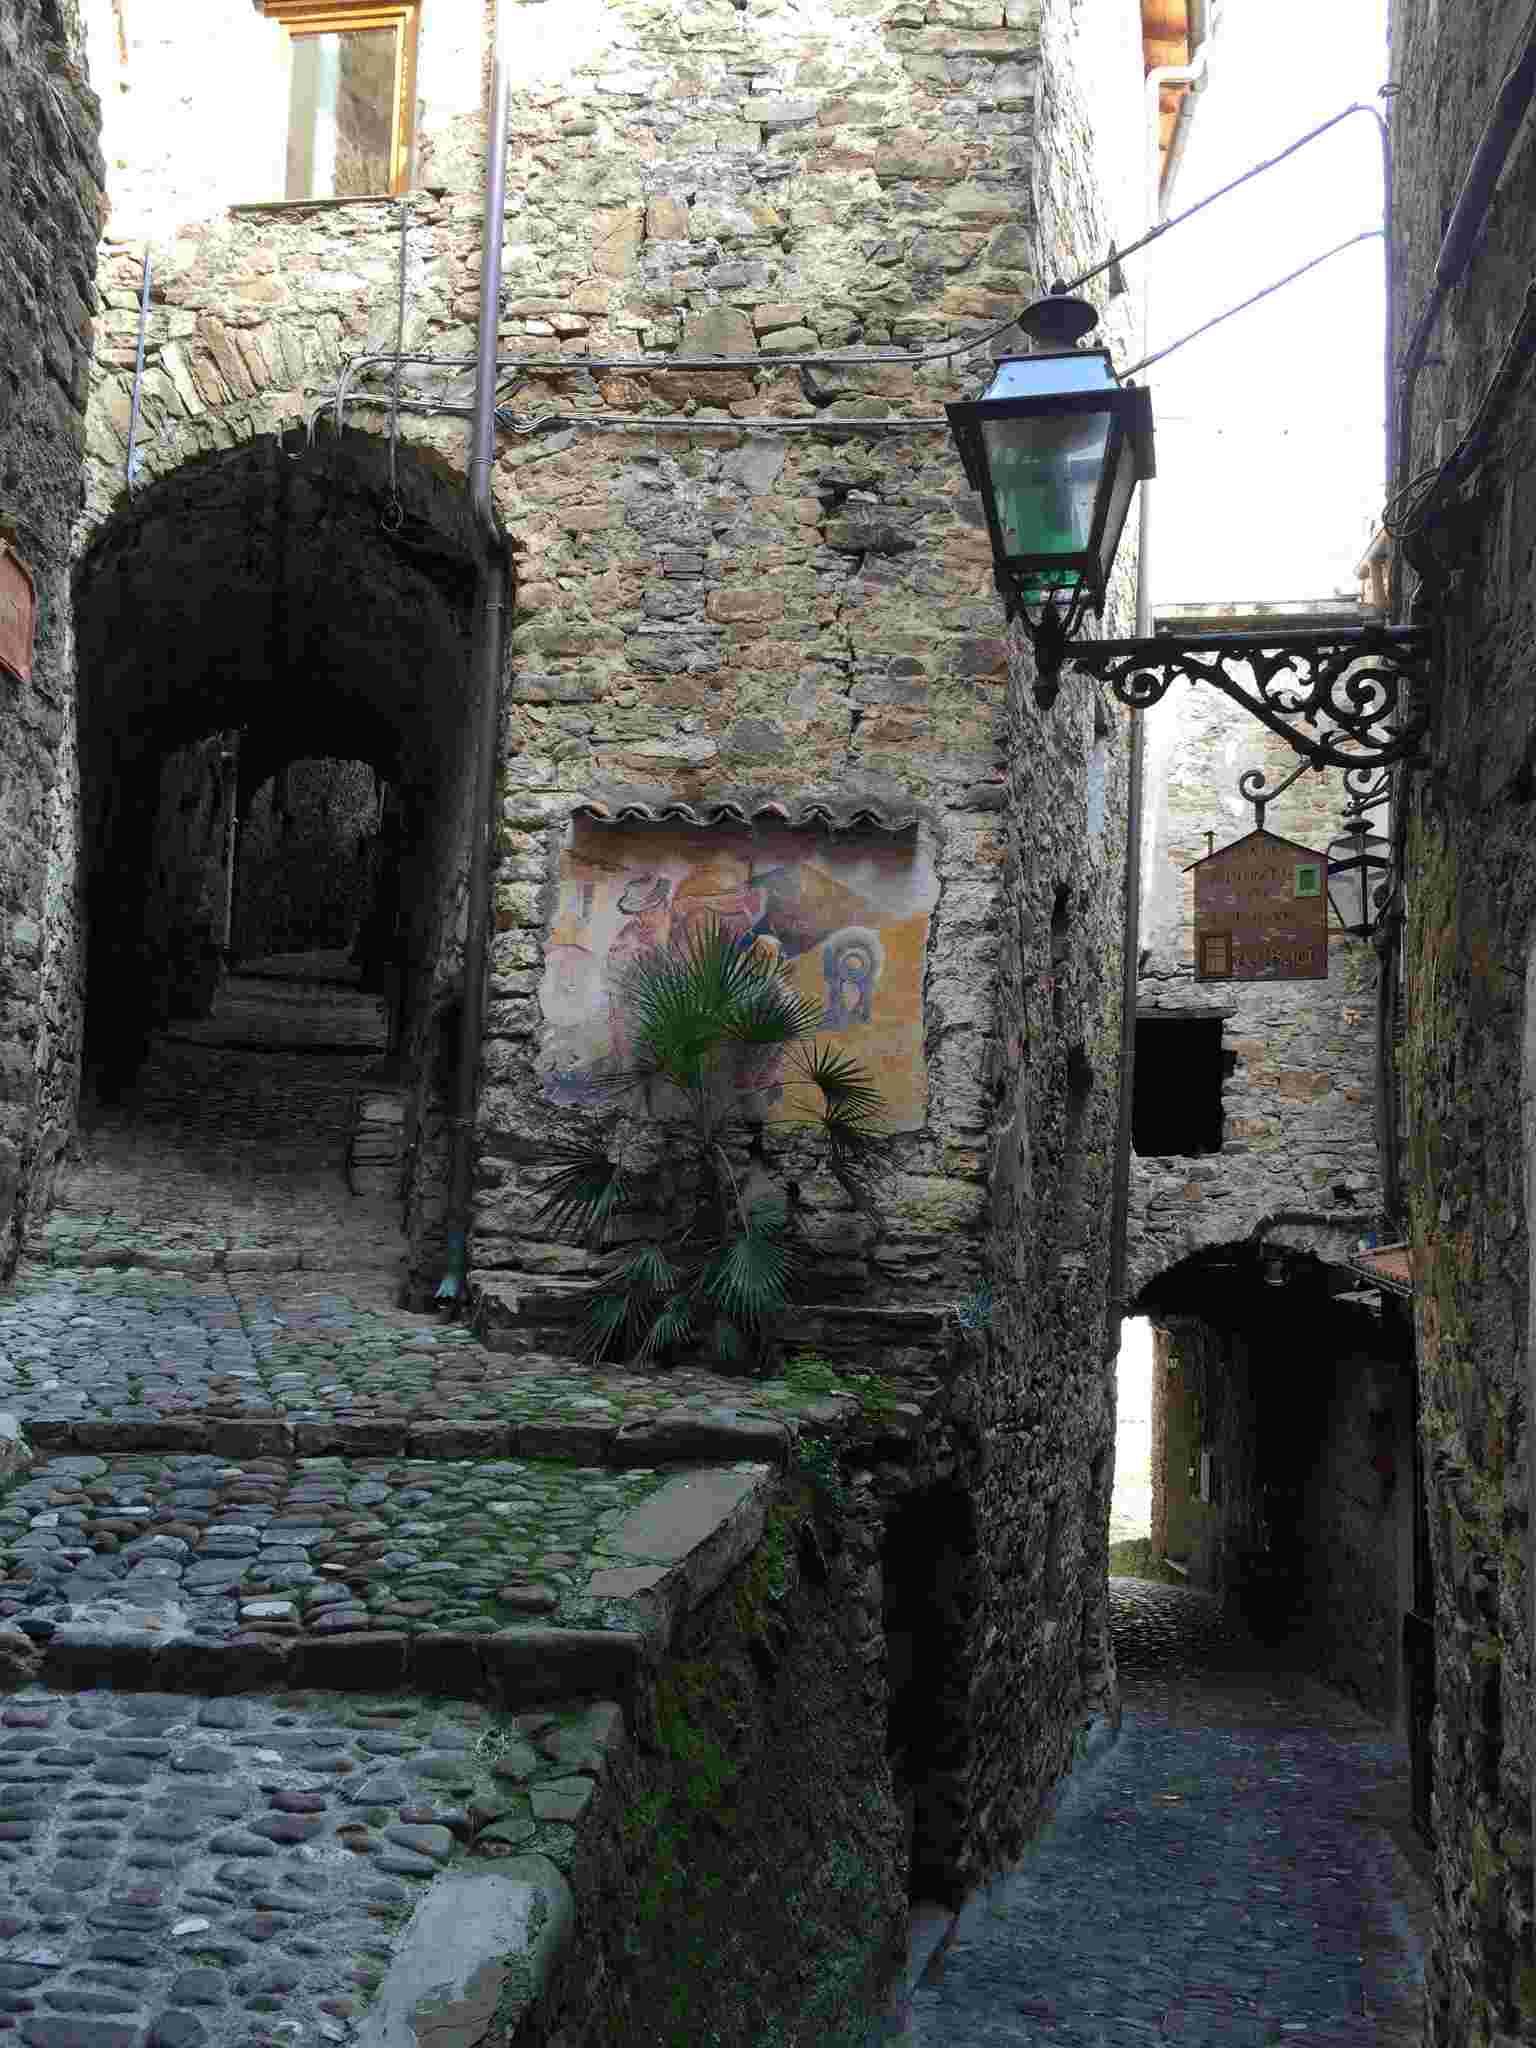 Apricale, le plus beau village d'Italie Aprica43